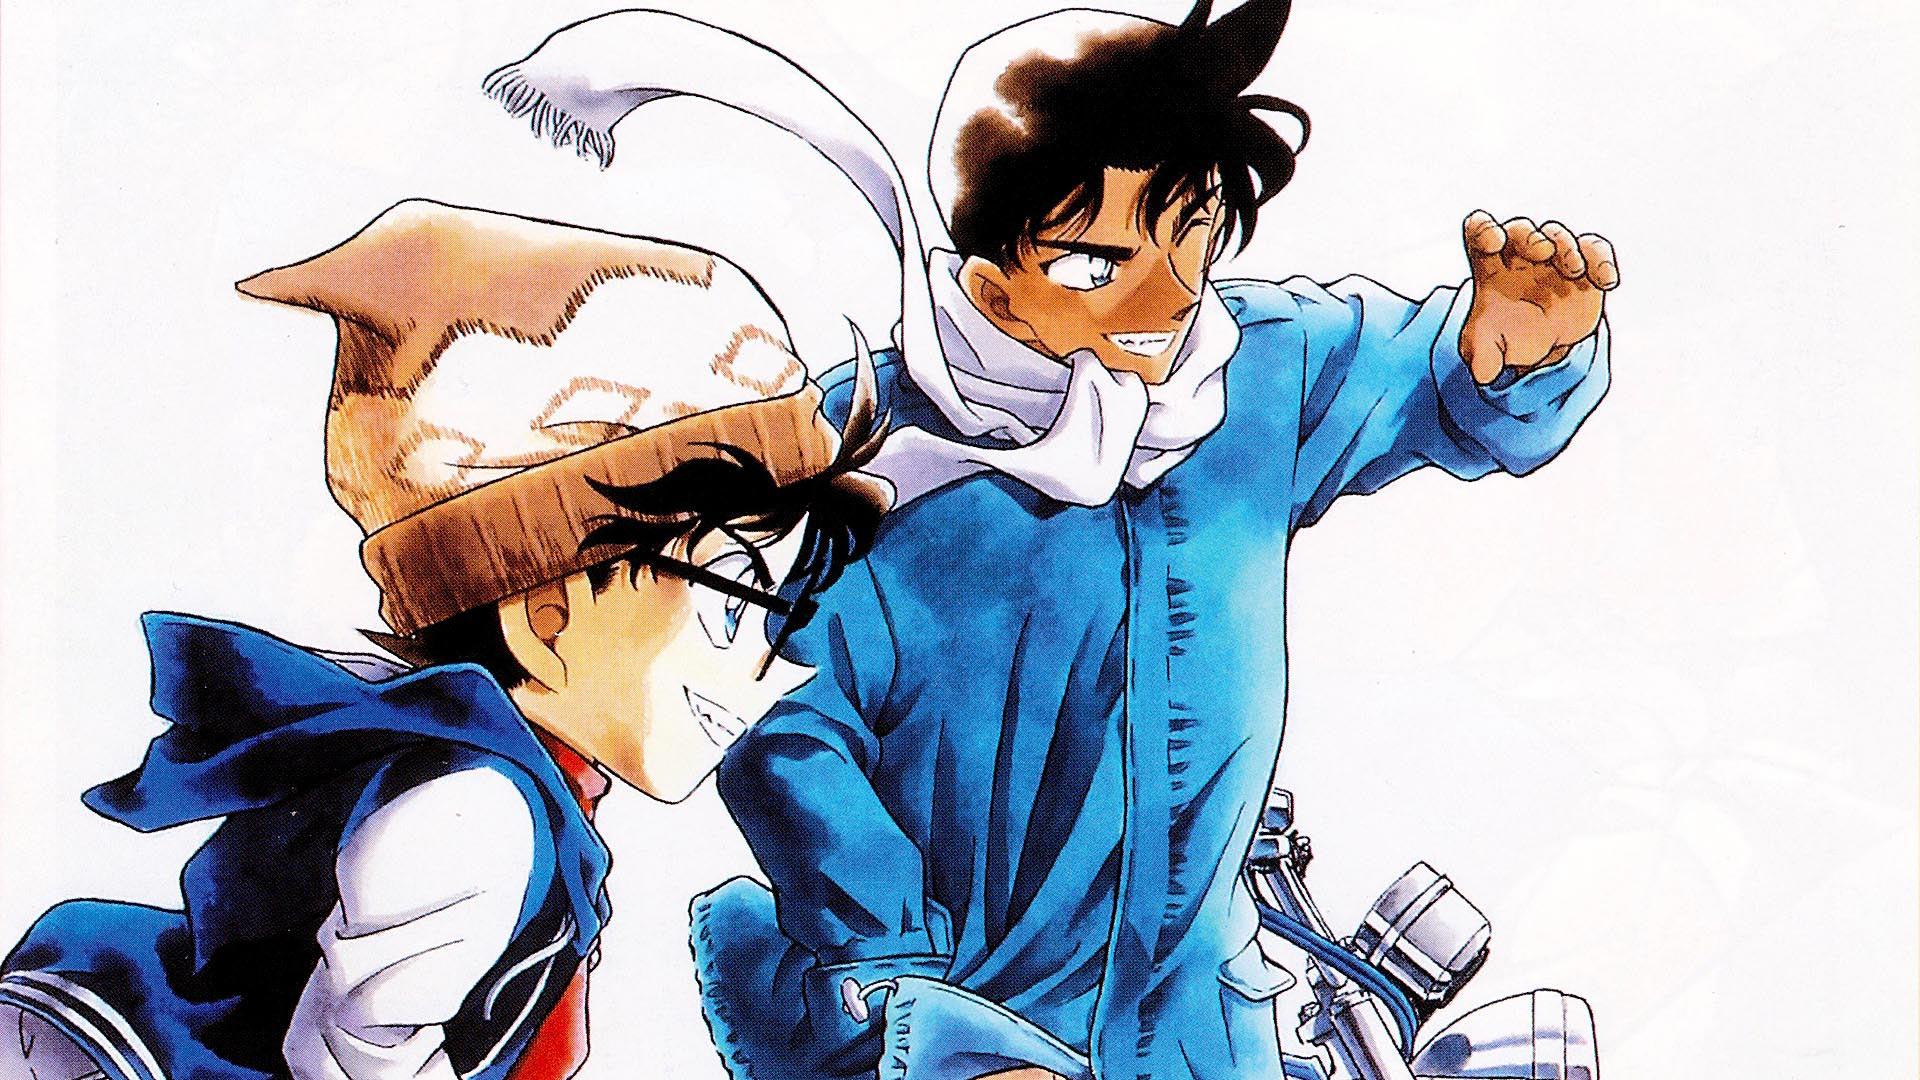 Image Result For Manga Wallpaper Pack